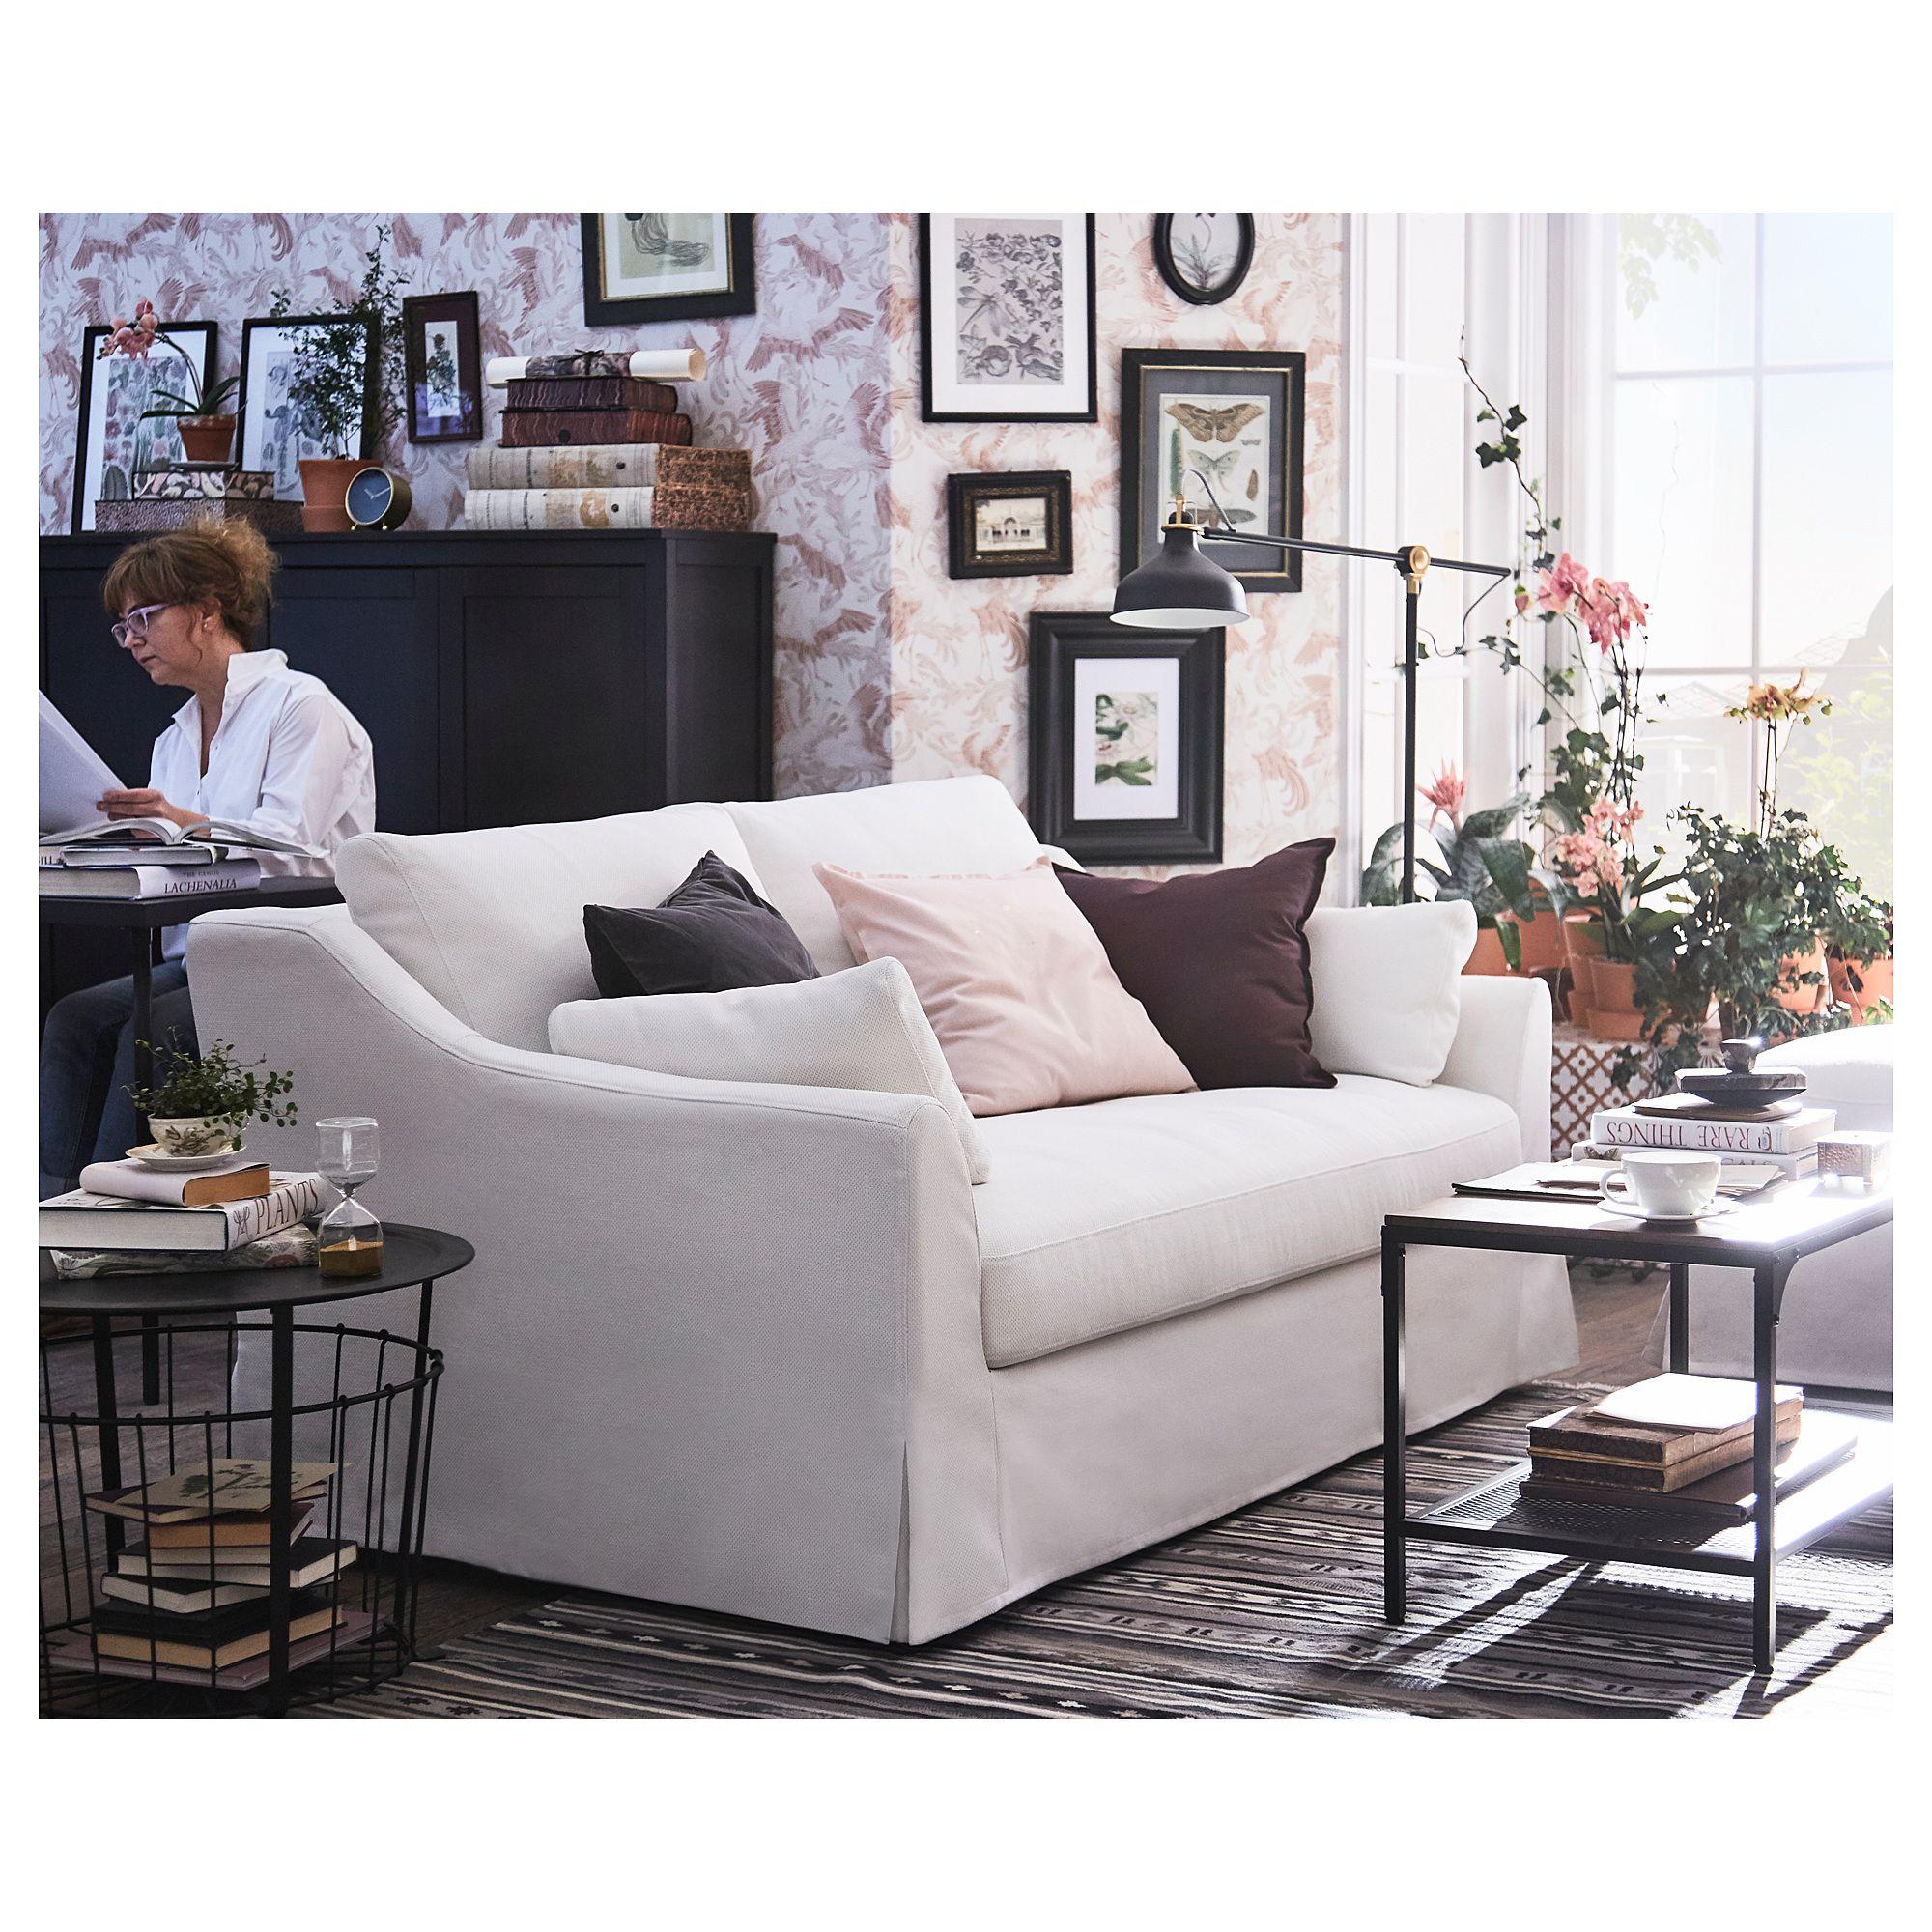 fÄrlÖv loveseat  flodafors white  white sofa living room